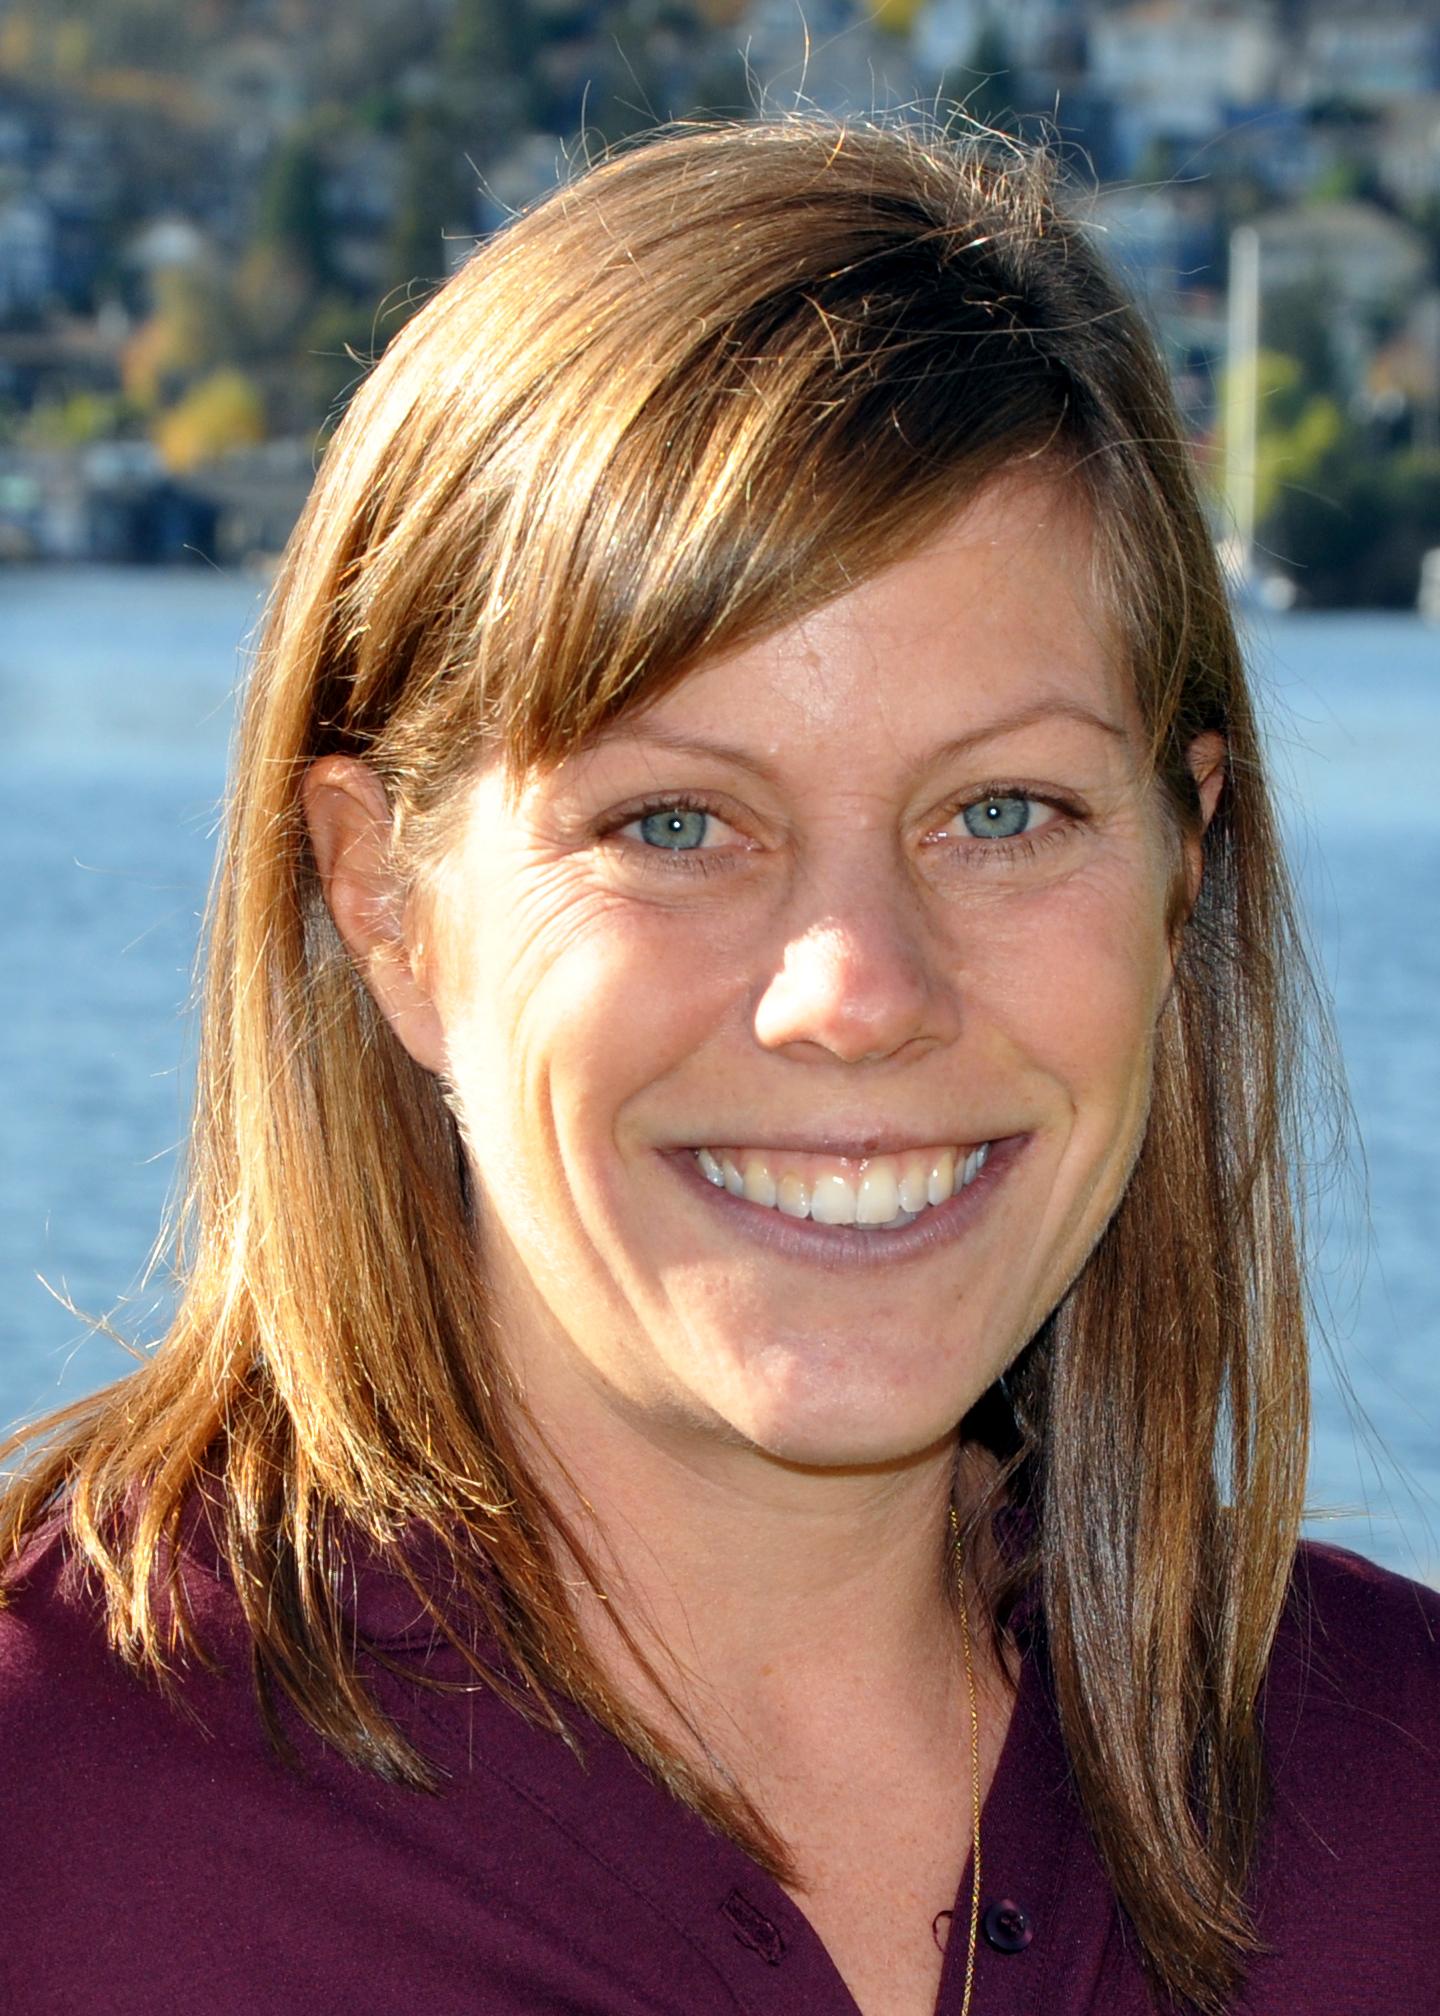 Paige Reischl